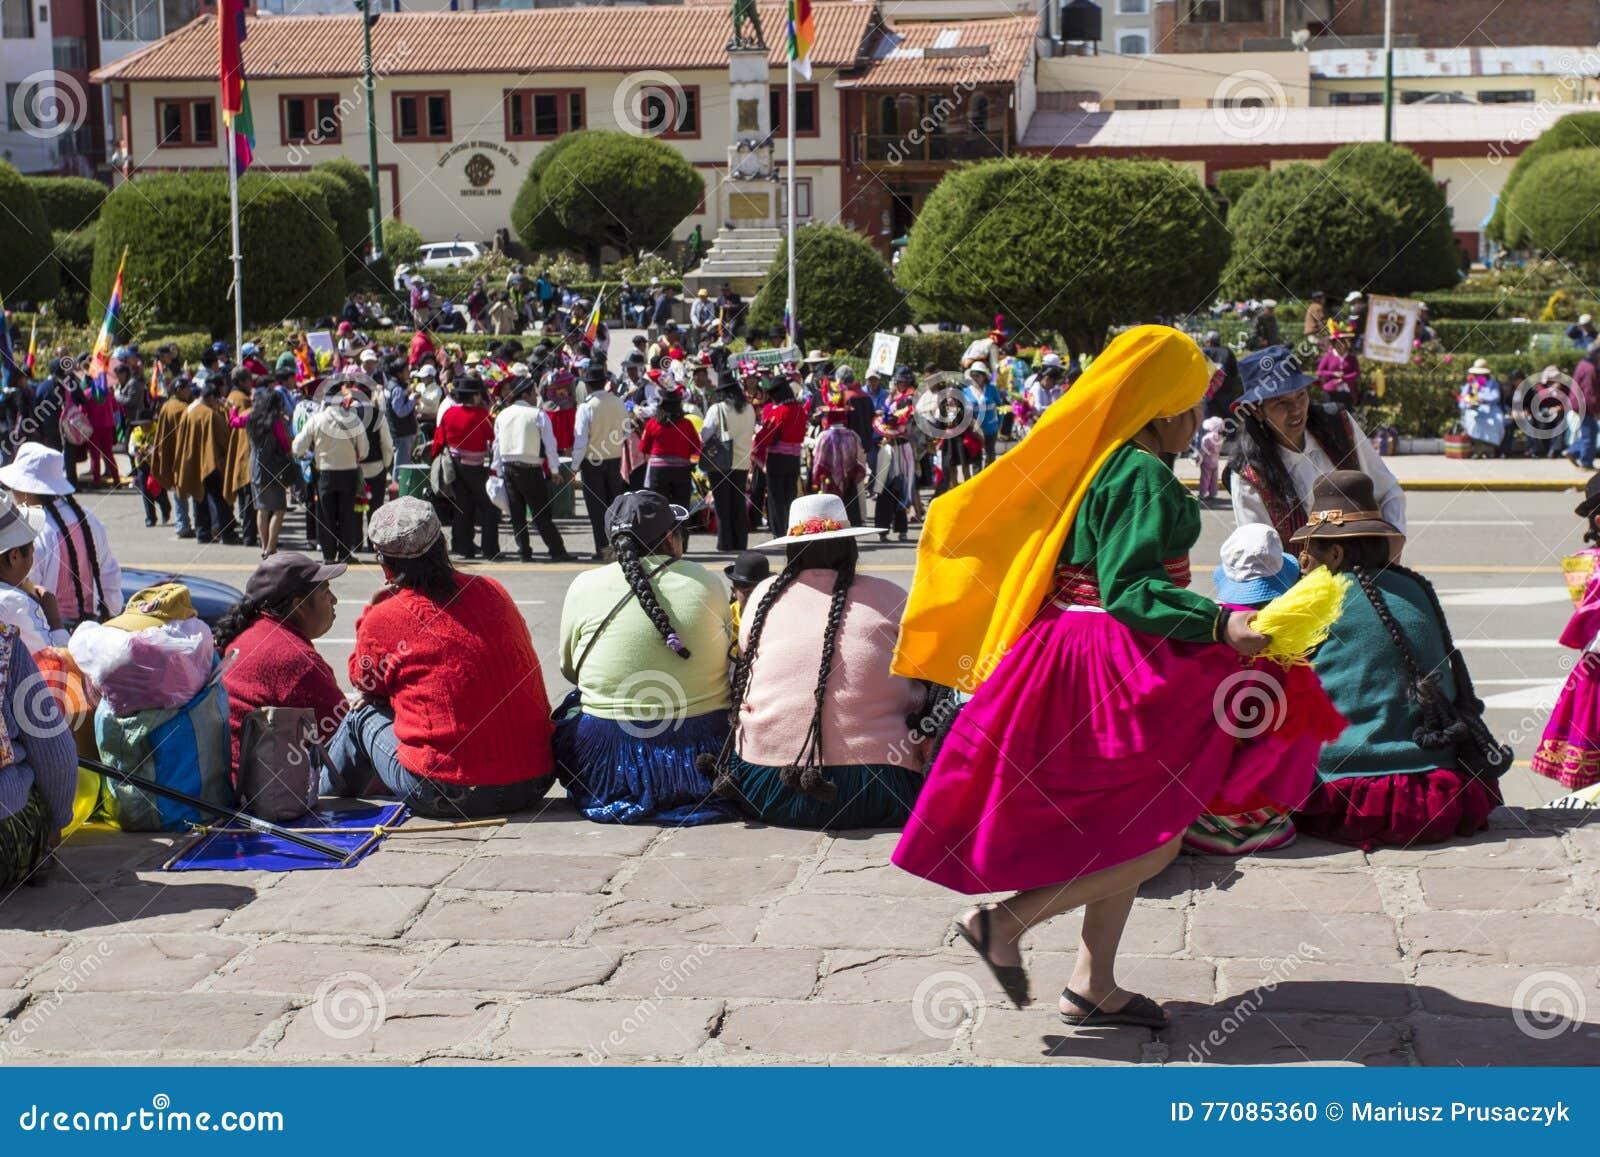 Puno, Peru - August 20, 2016: Native People From Peruvian ...